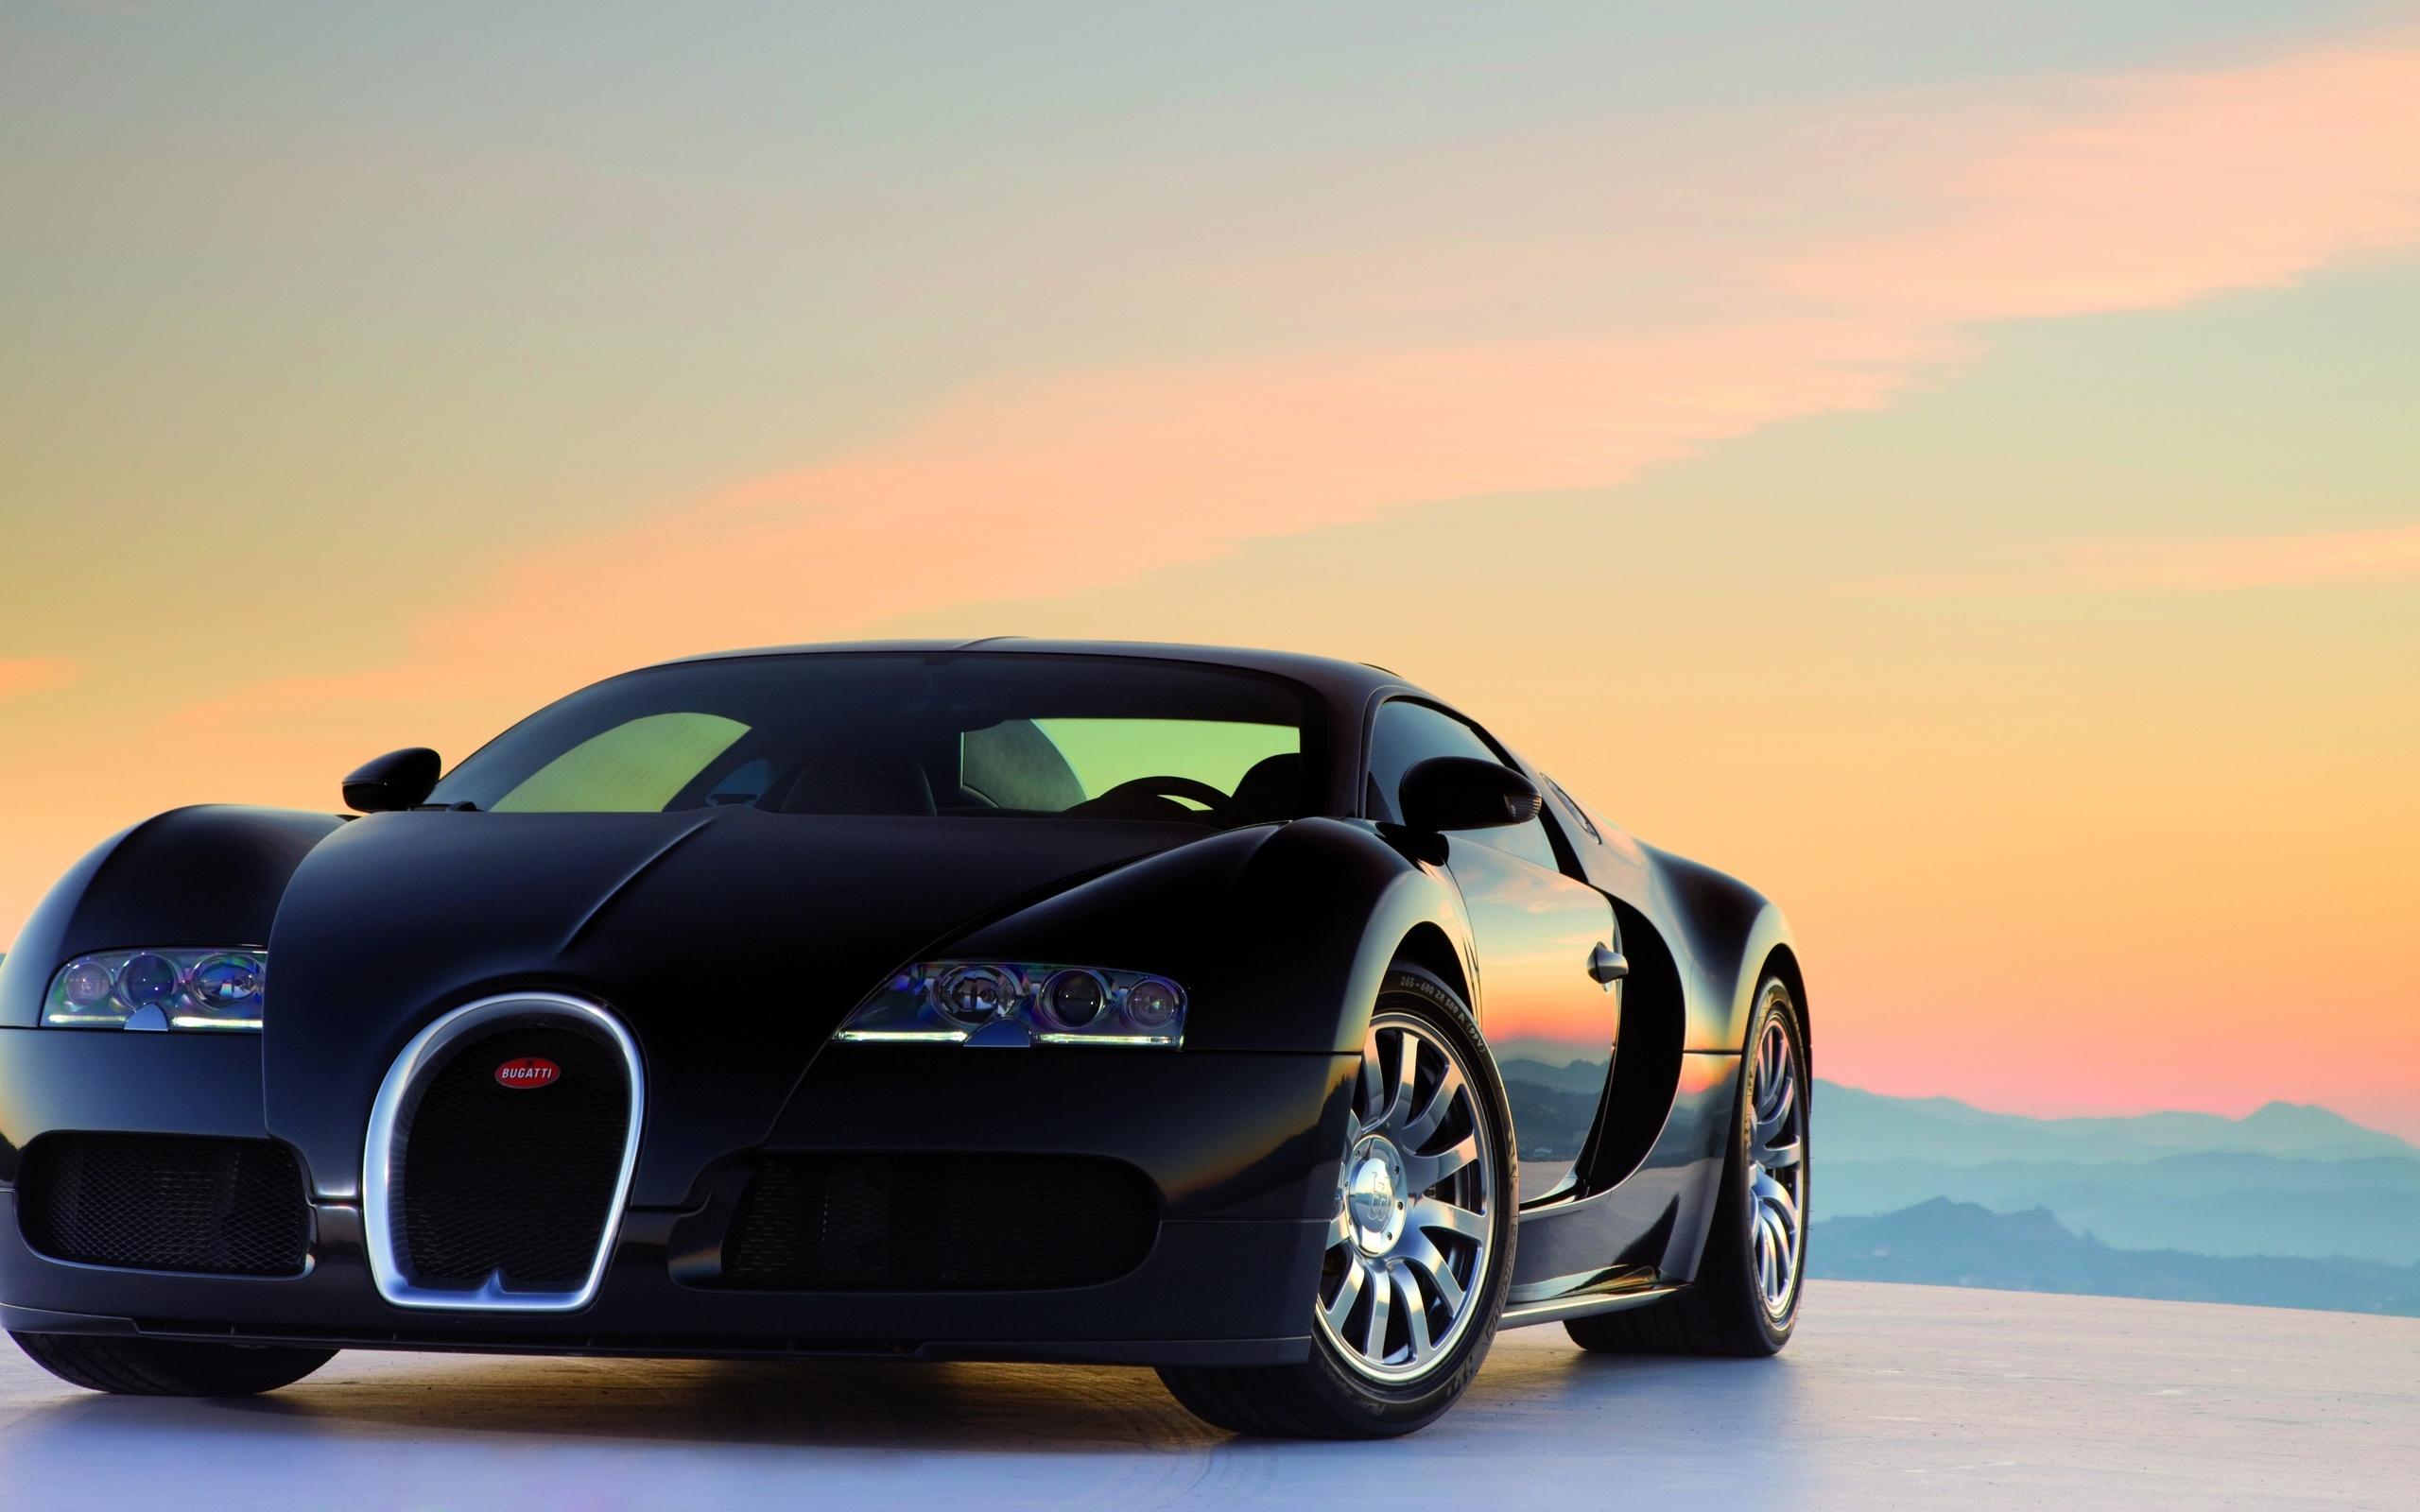 ultra hd car wallpapers,land vehicle,vehicle,car,bugatti veyron,sports car